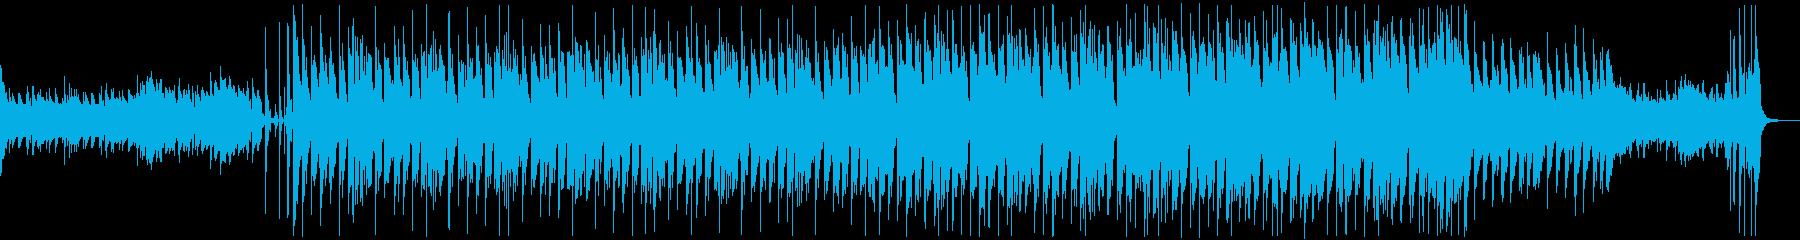 映像に合うかっこいい大人テクノの再生済みの波形